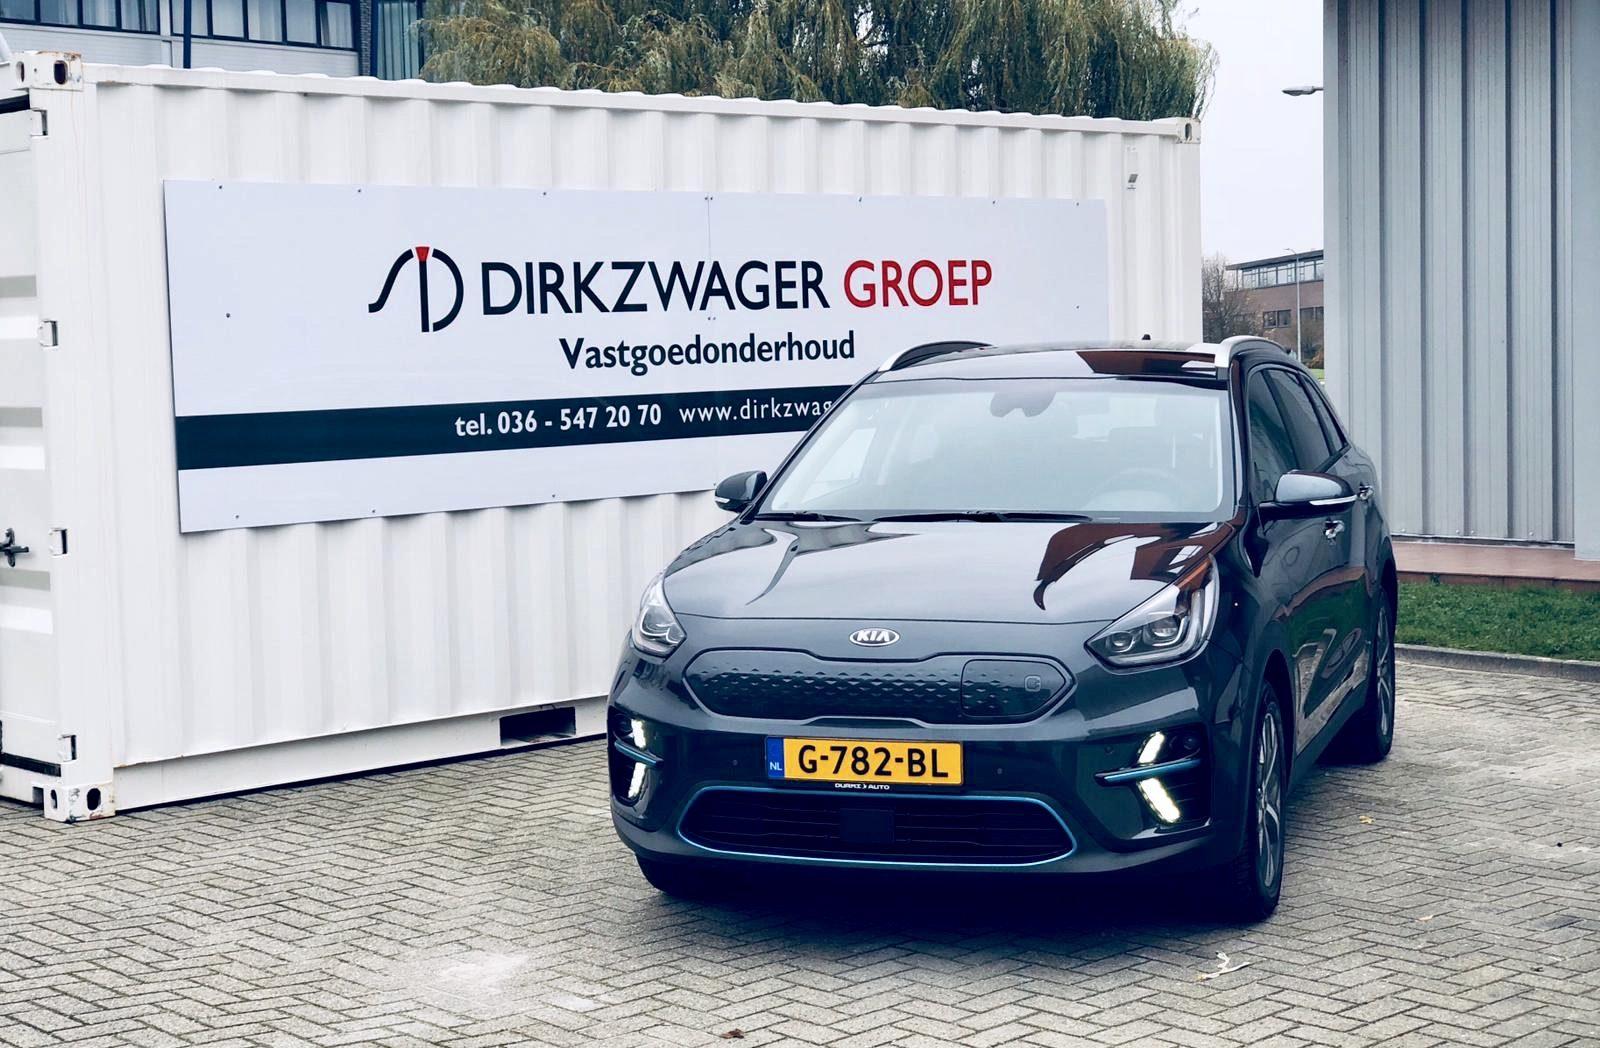 Elektrisch rijden ook bij de Dirkzwager Groep